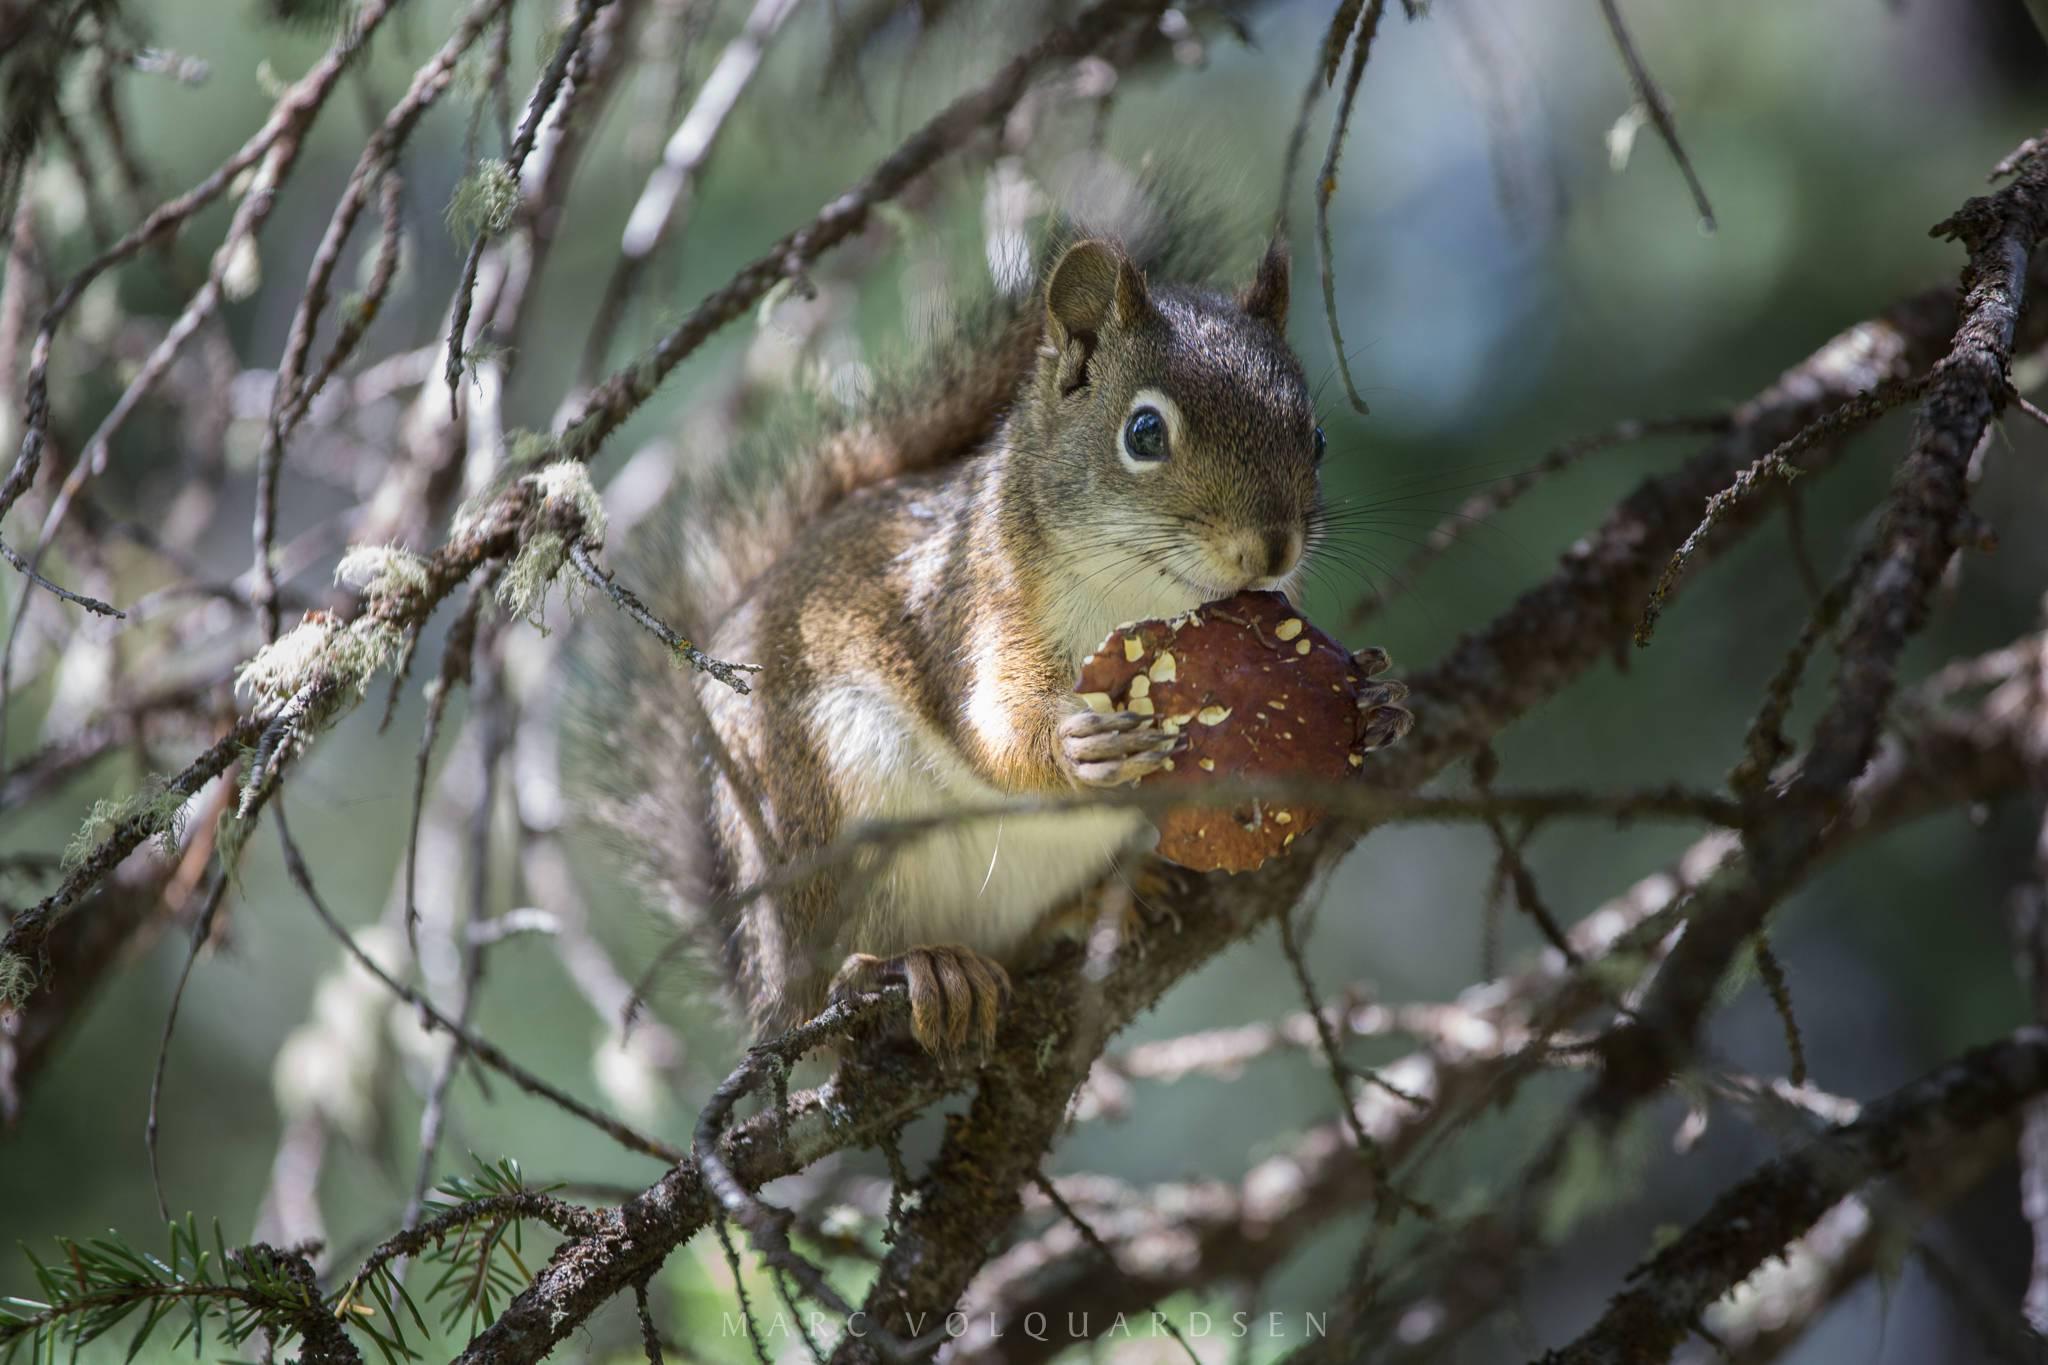 Grand Teton Nationalpark - Eichhörnchen (1303)